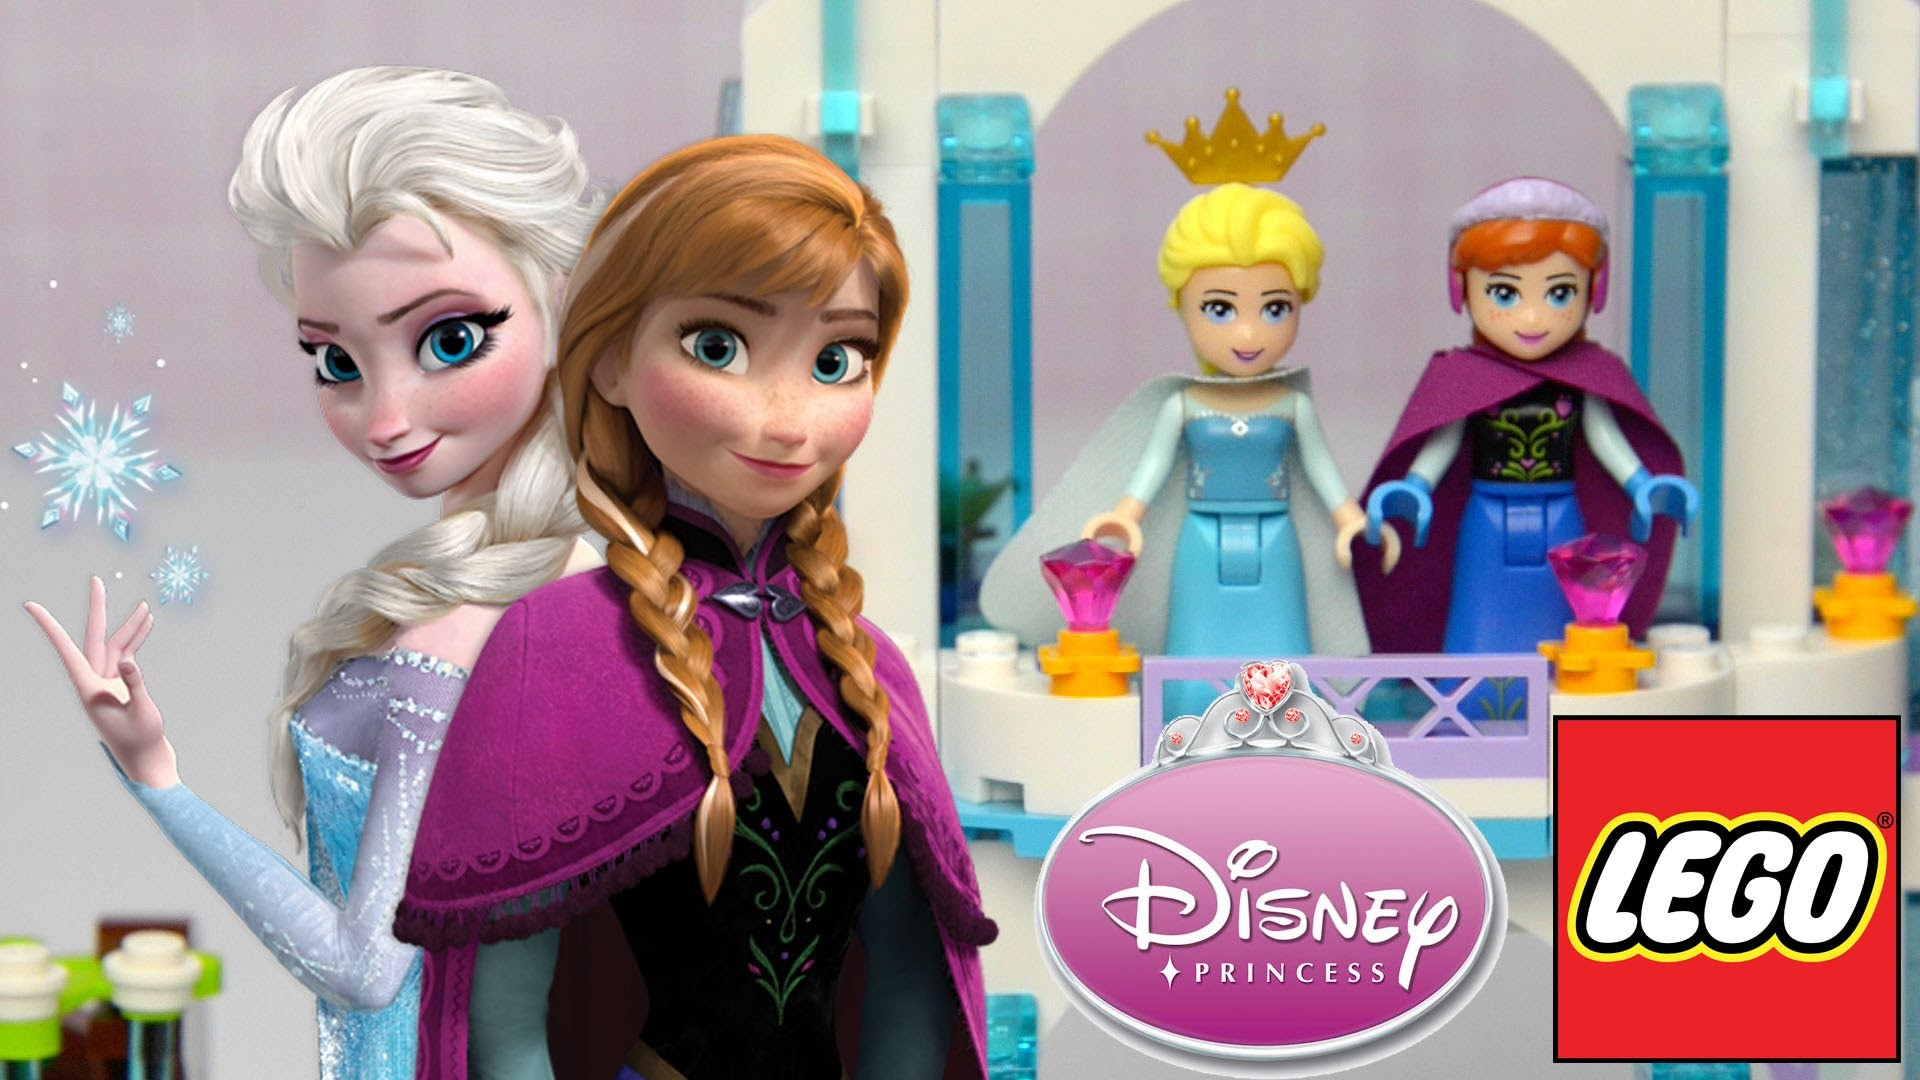 Frozen LEGO Disney Princess Elsa's Sparkling Ice Castle 41062 2015 Build Review - Kids Toys